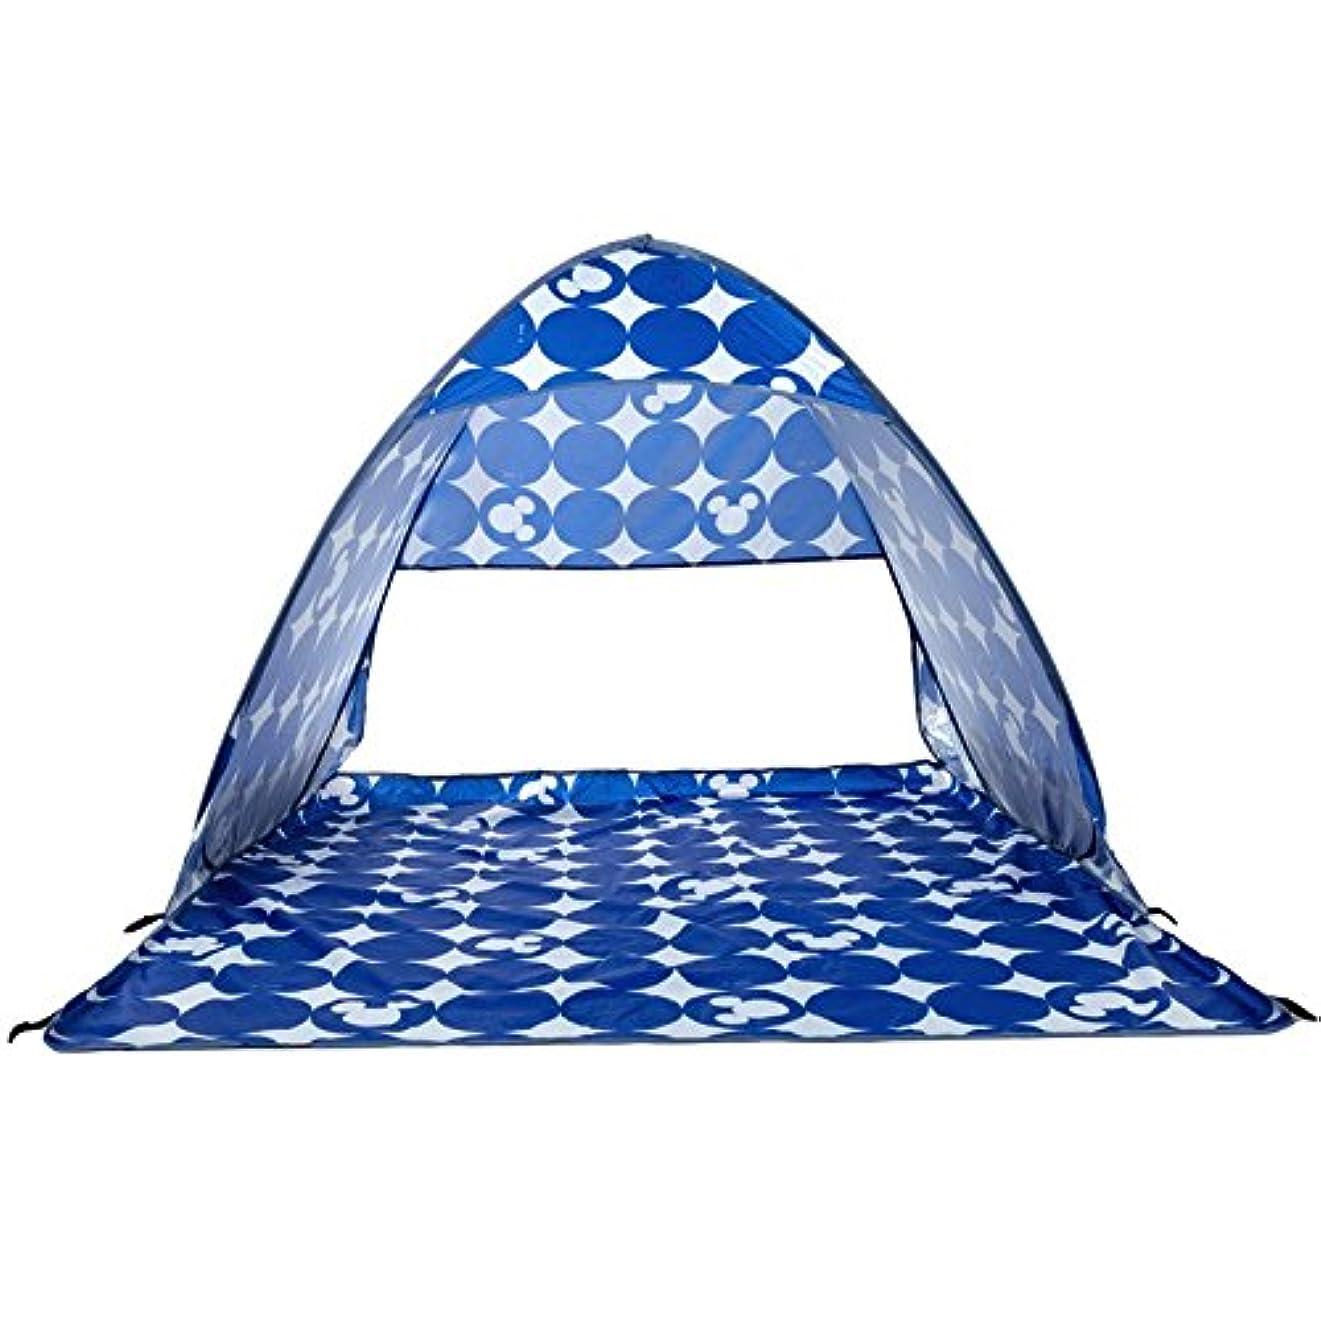 ロータリー嫉妬セーブFeelyer 2-3人の屋外の自動キャンプのテント防水、蚊、雨防止、日焼け止め、紫外線保護、折ること容易、取付けること容易、大きいスペース、安定した構造、高級なオックスフォードの布 顧客に愛されて